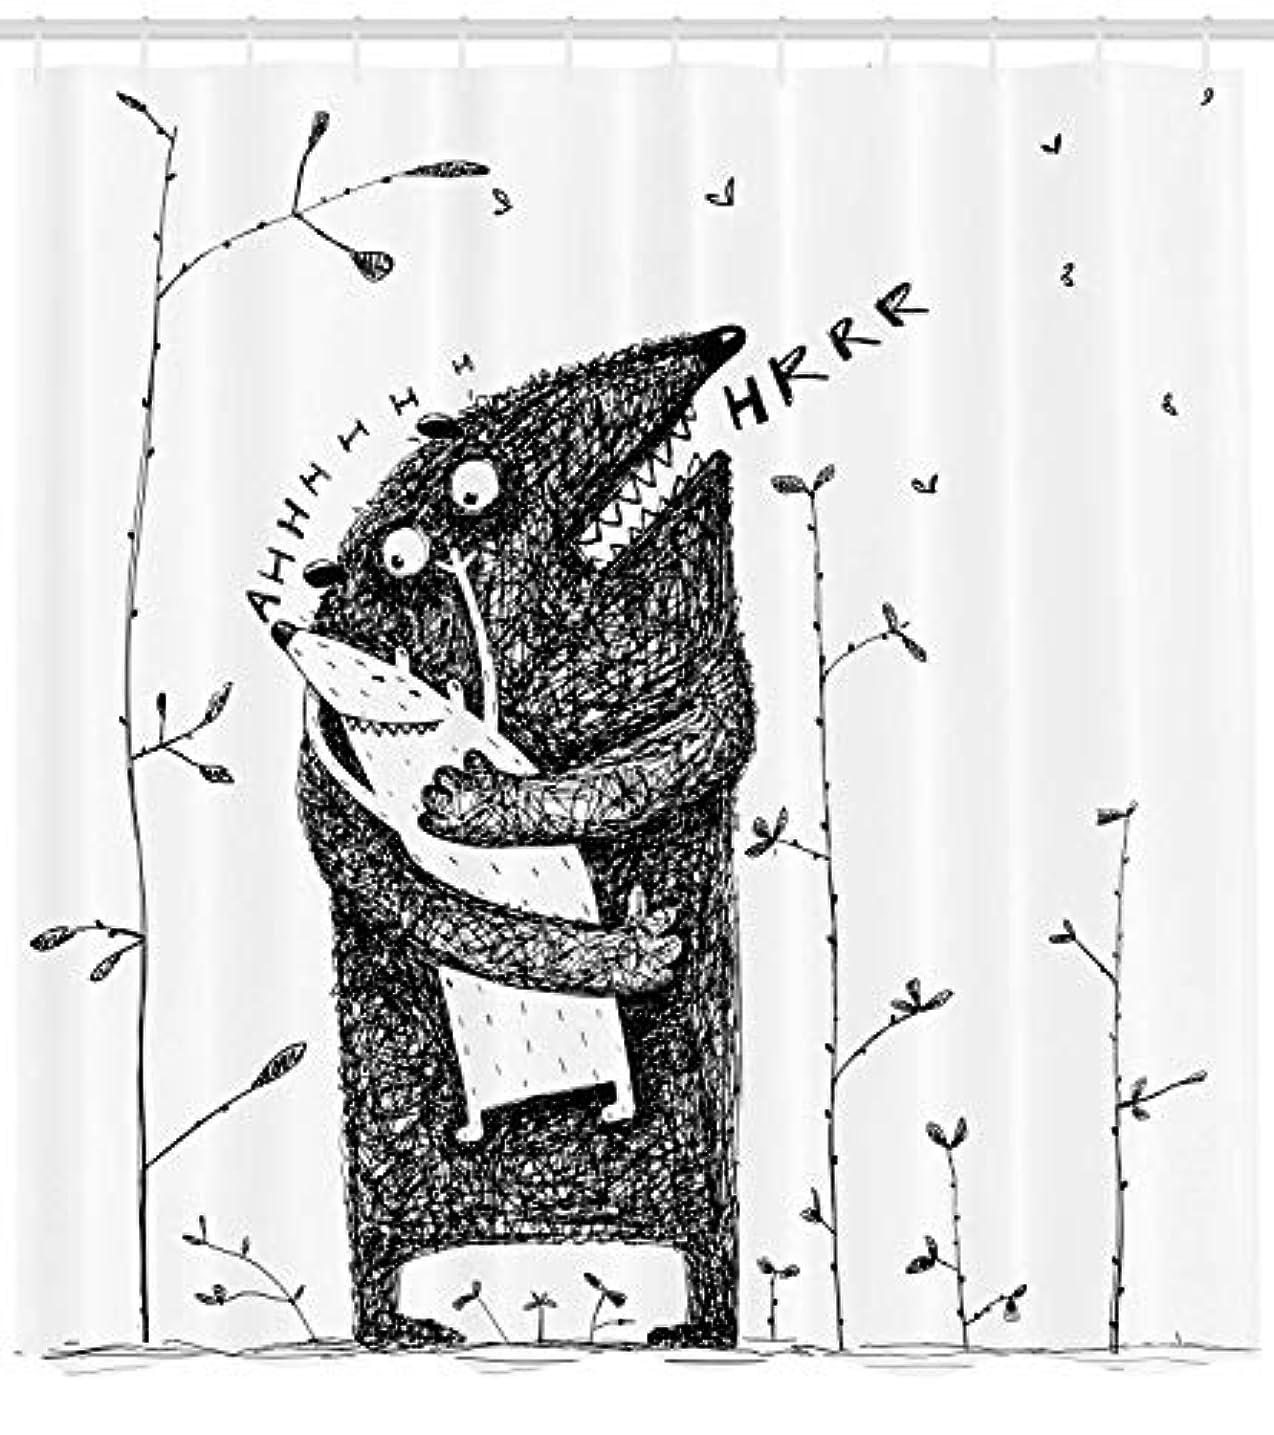 検体胚芽ぬれたQuirky装飾シャワーカーテンby MIMUTI、父と息子Monsters Hugging Caress Cuddle Feeling Love Parenthoodファミリ、ファブリックバスルームDecorセットwith...